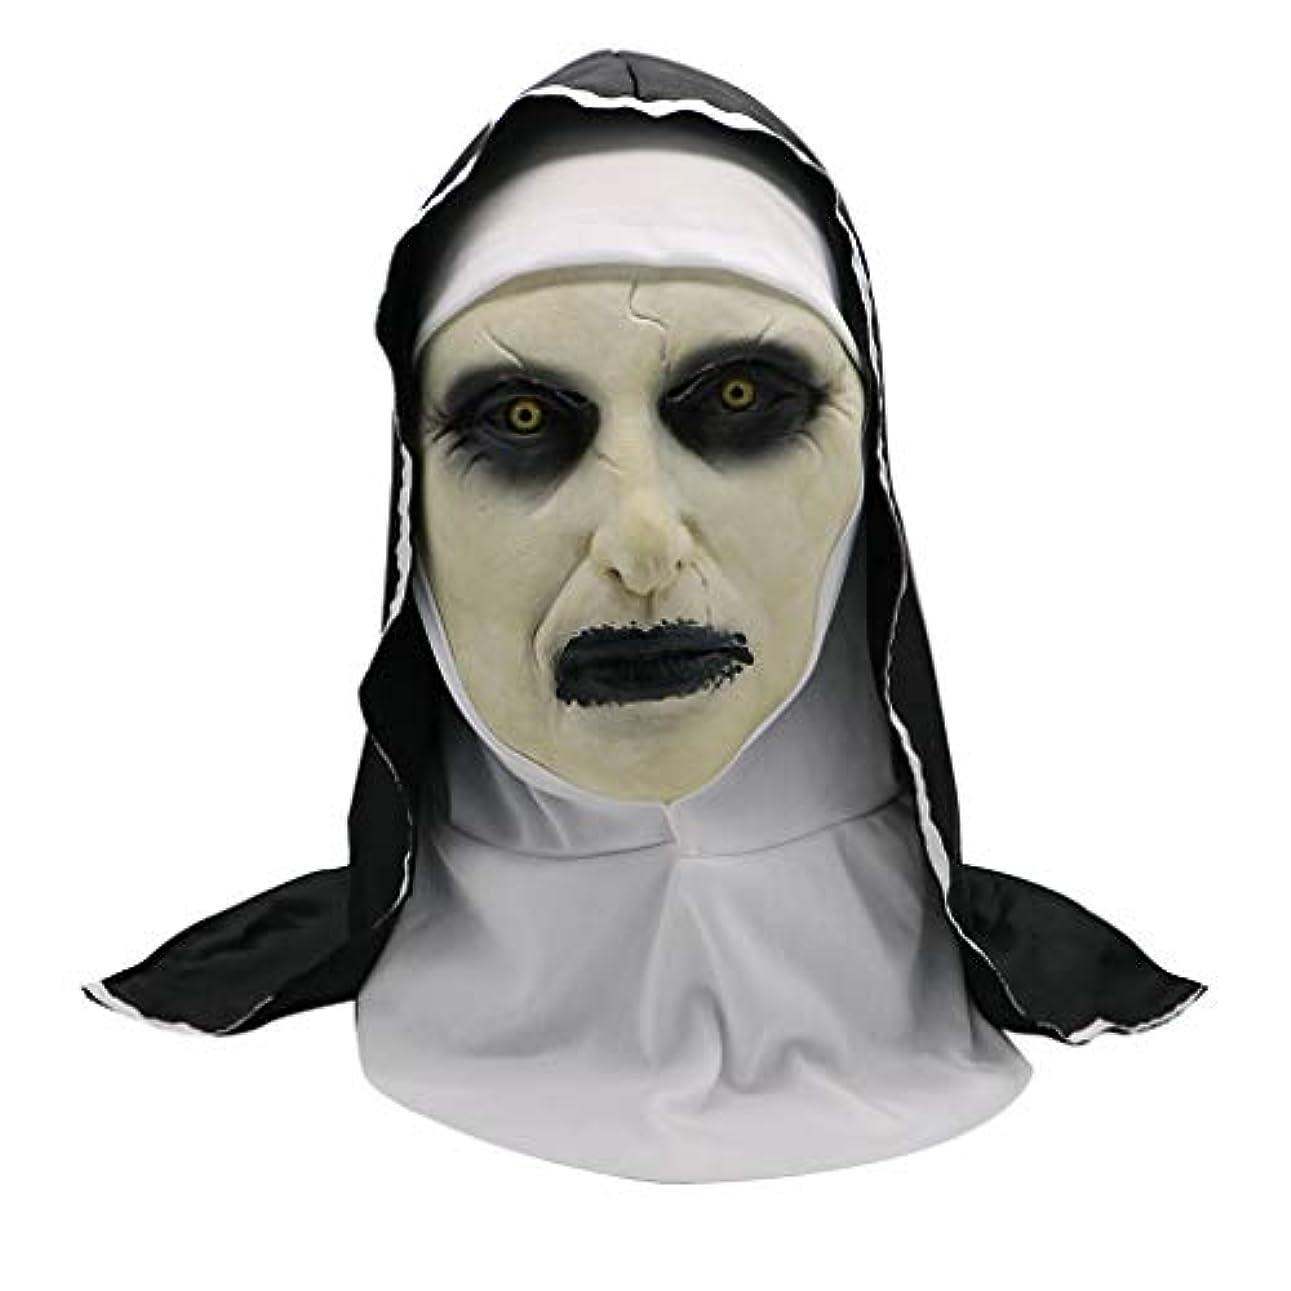 オーラル配当かわすラテックスヘッドマスク、ホラーゴーストヌンホラーハロウィンファンシードレスパーティー